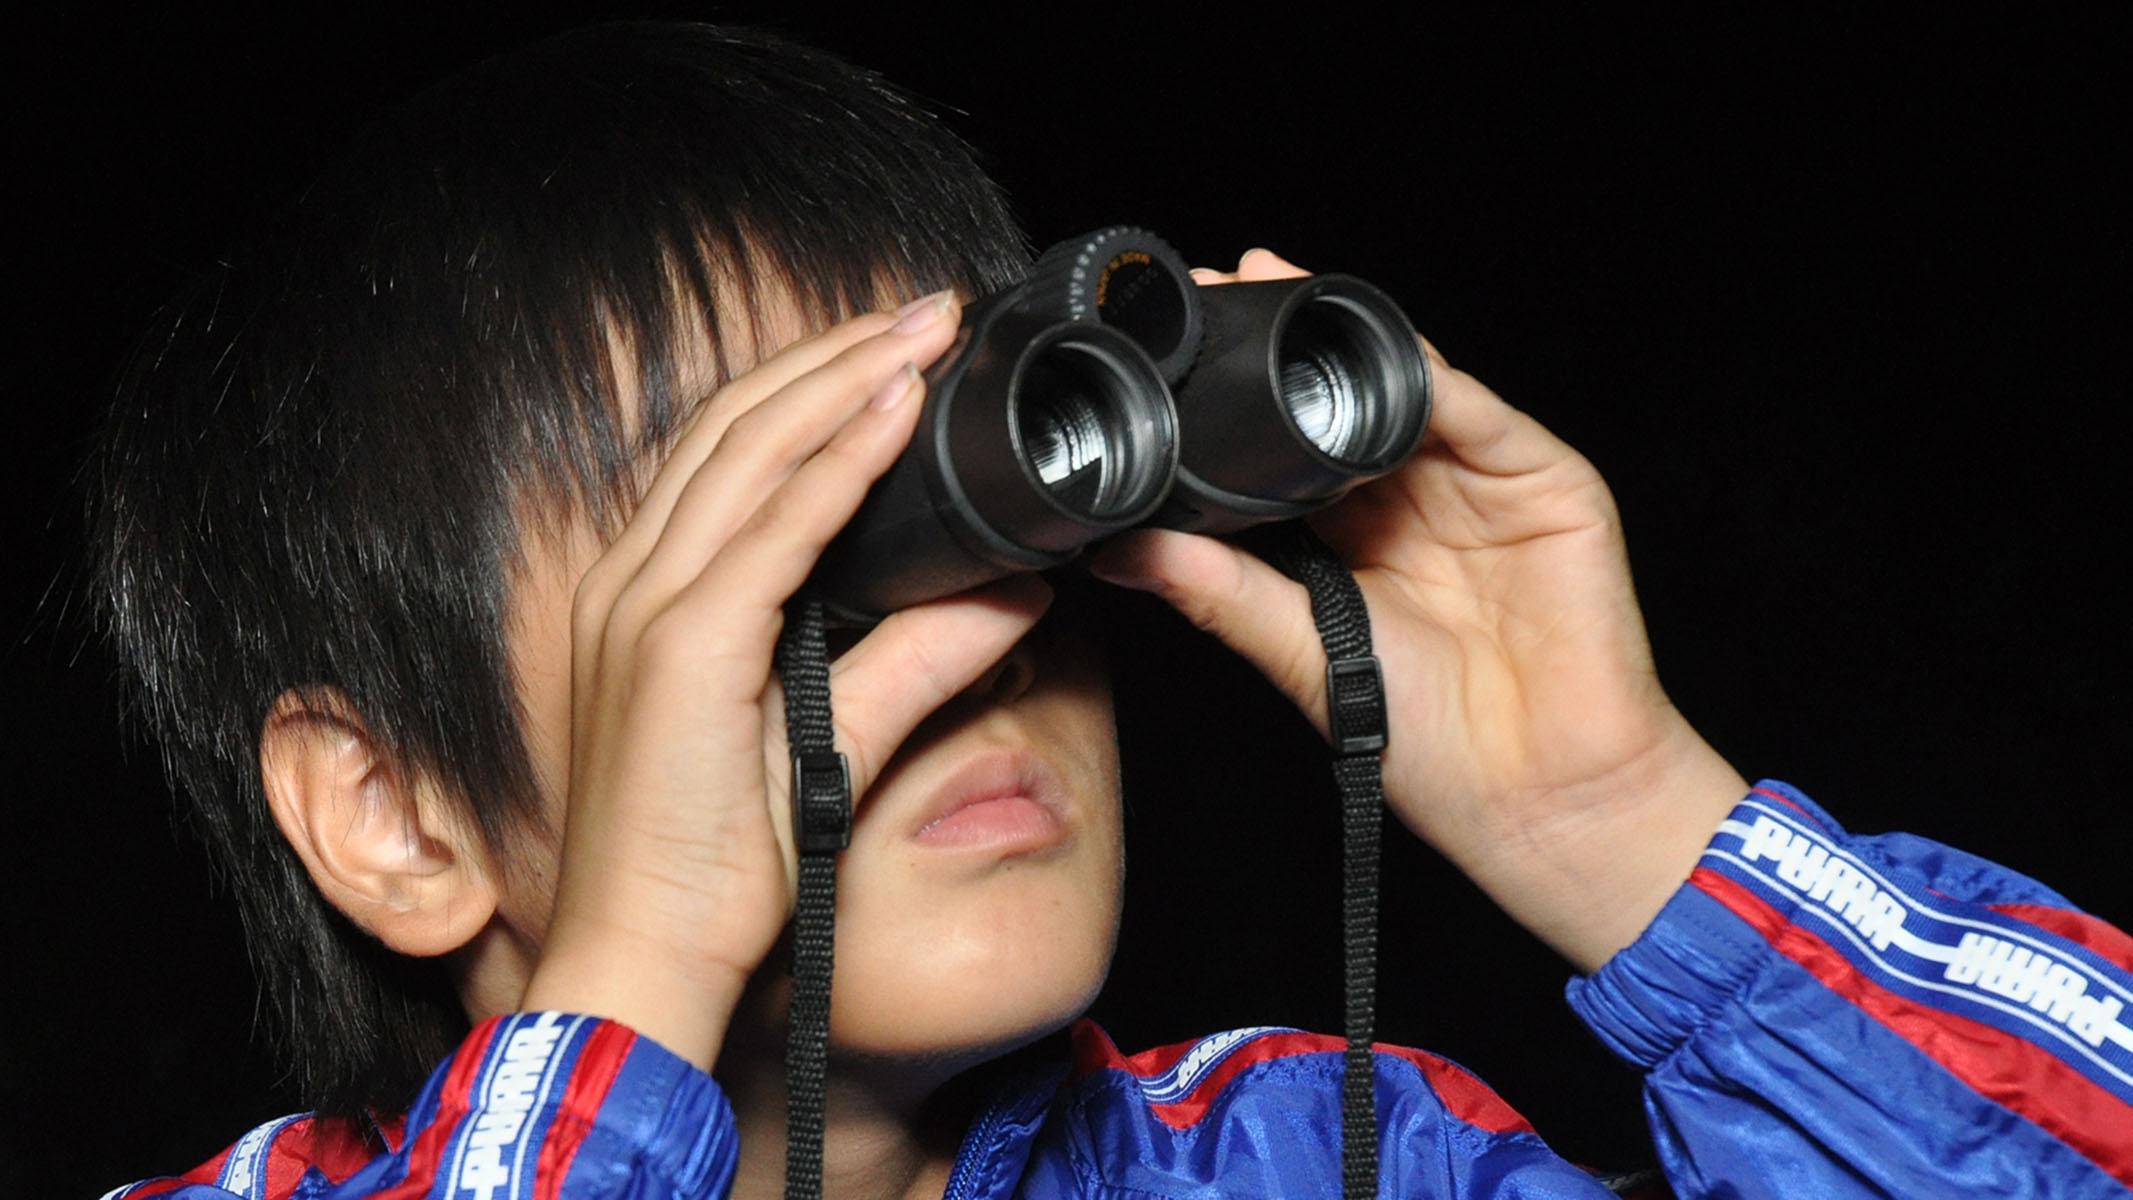 観察 <ruby><rb>双眼鏡</rb><rp>(</rp><rt>そうがんきょう</rt><rp>)</rp></ruby>で<ruby><rb>天体</rb><rp>(</rp><rt>てんたい</rt><rp>)</rp></ruby><ruby><rb>観測</rb><rp>(</rp><rt>かんそく</rt><rp>)</rp></ruby>をしよう